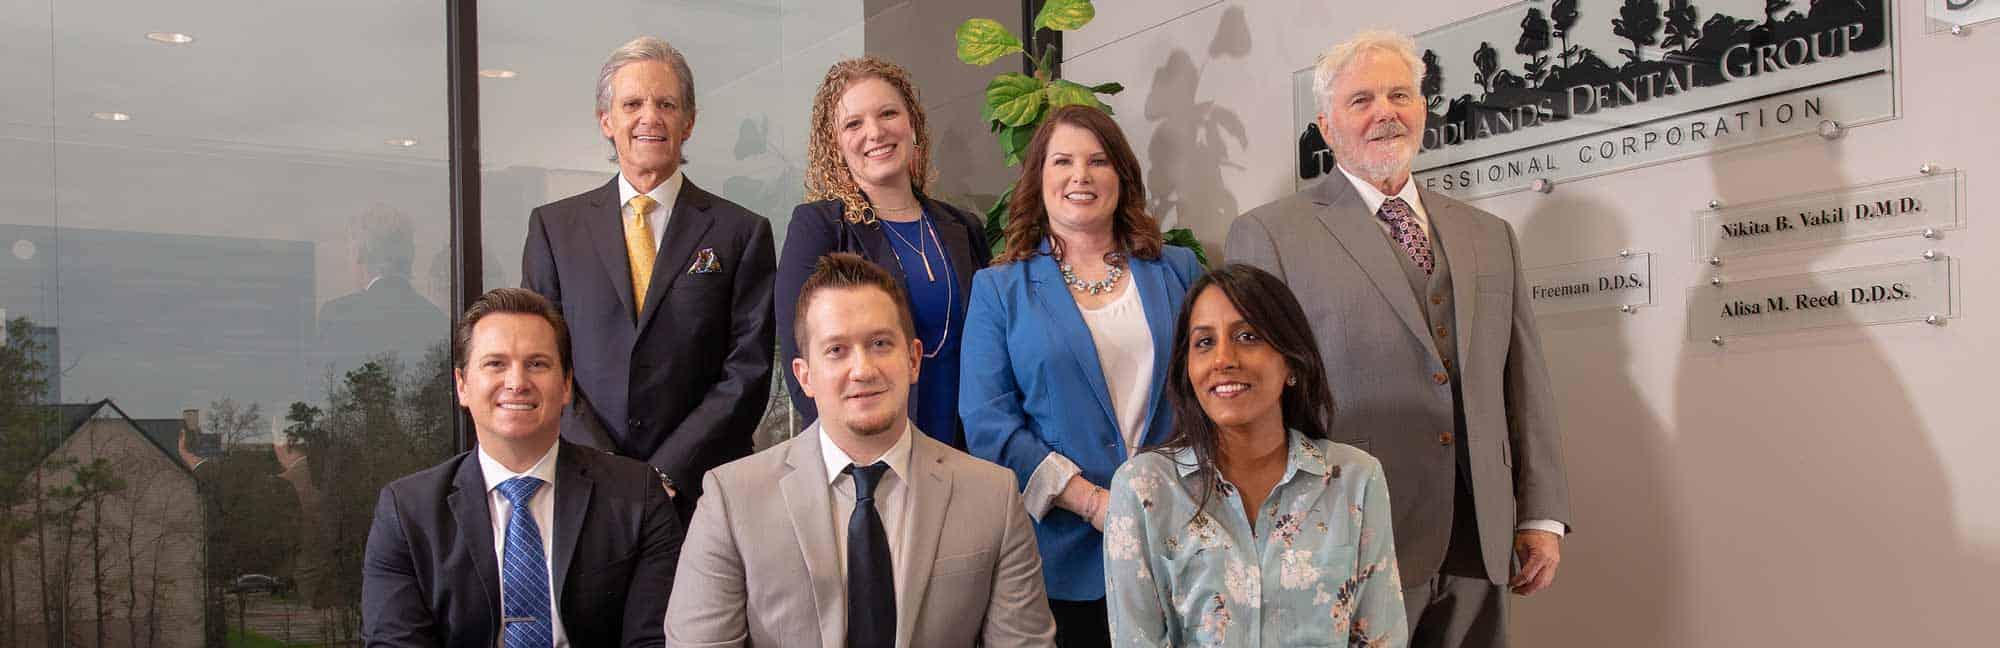 Members of Woodlands Dental Group